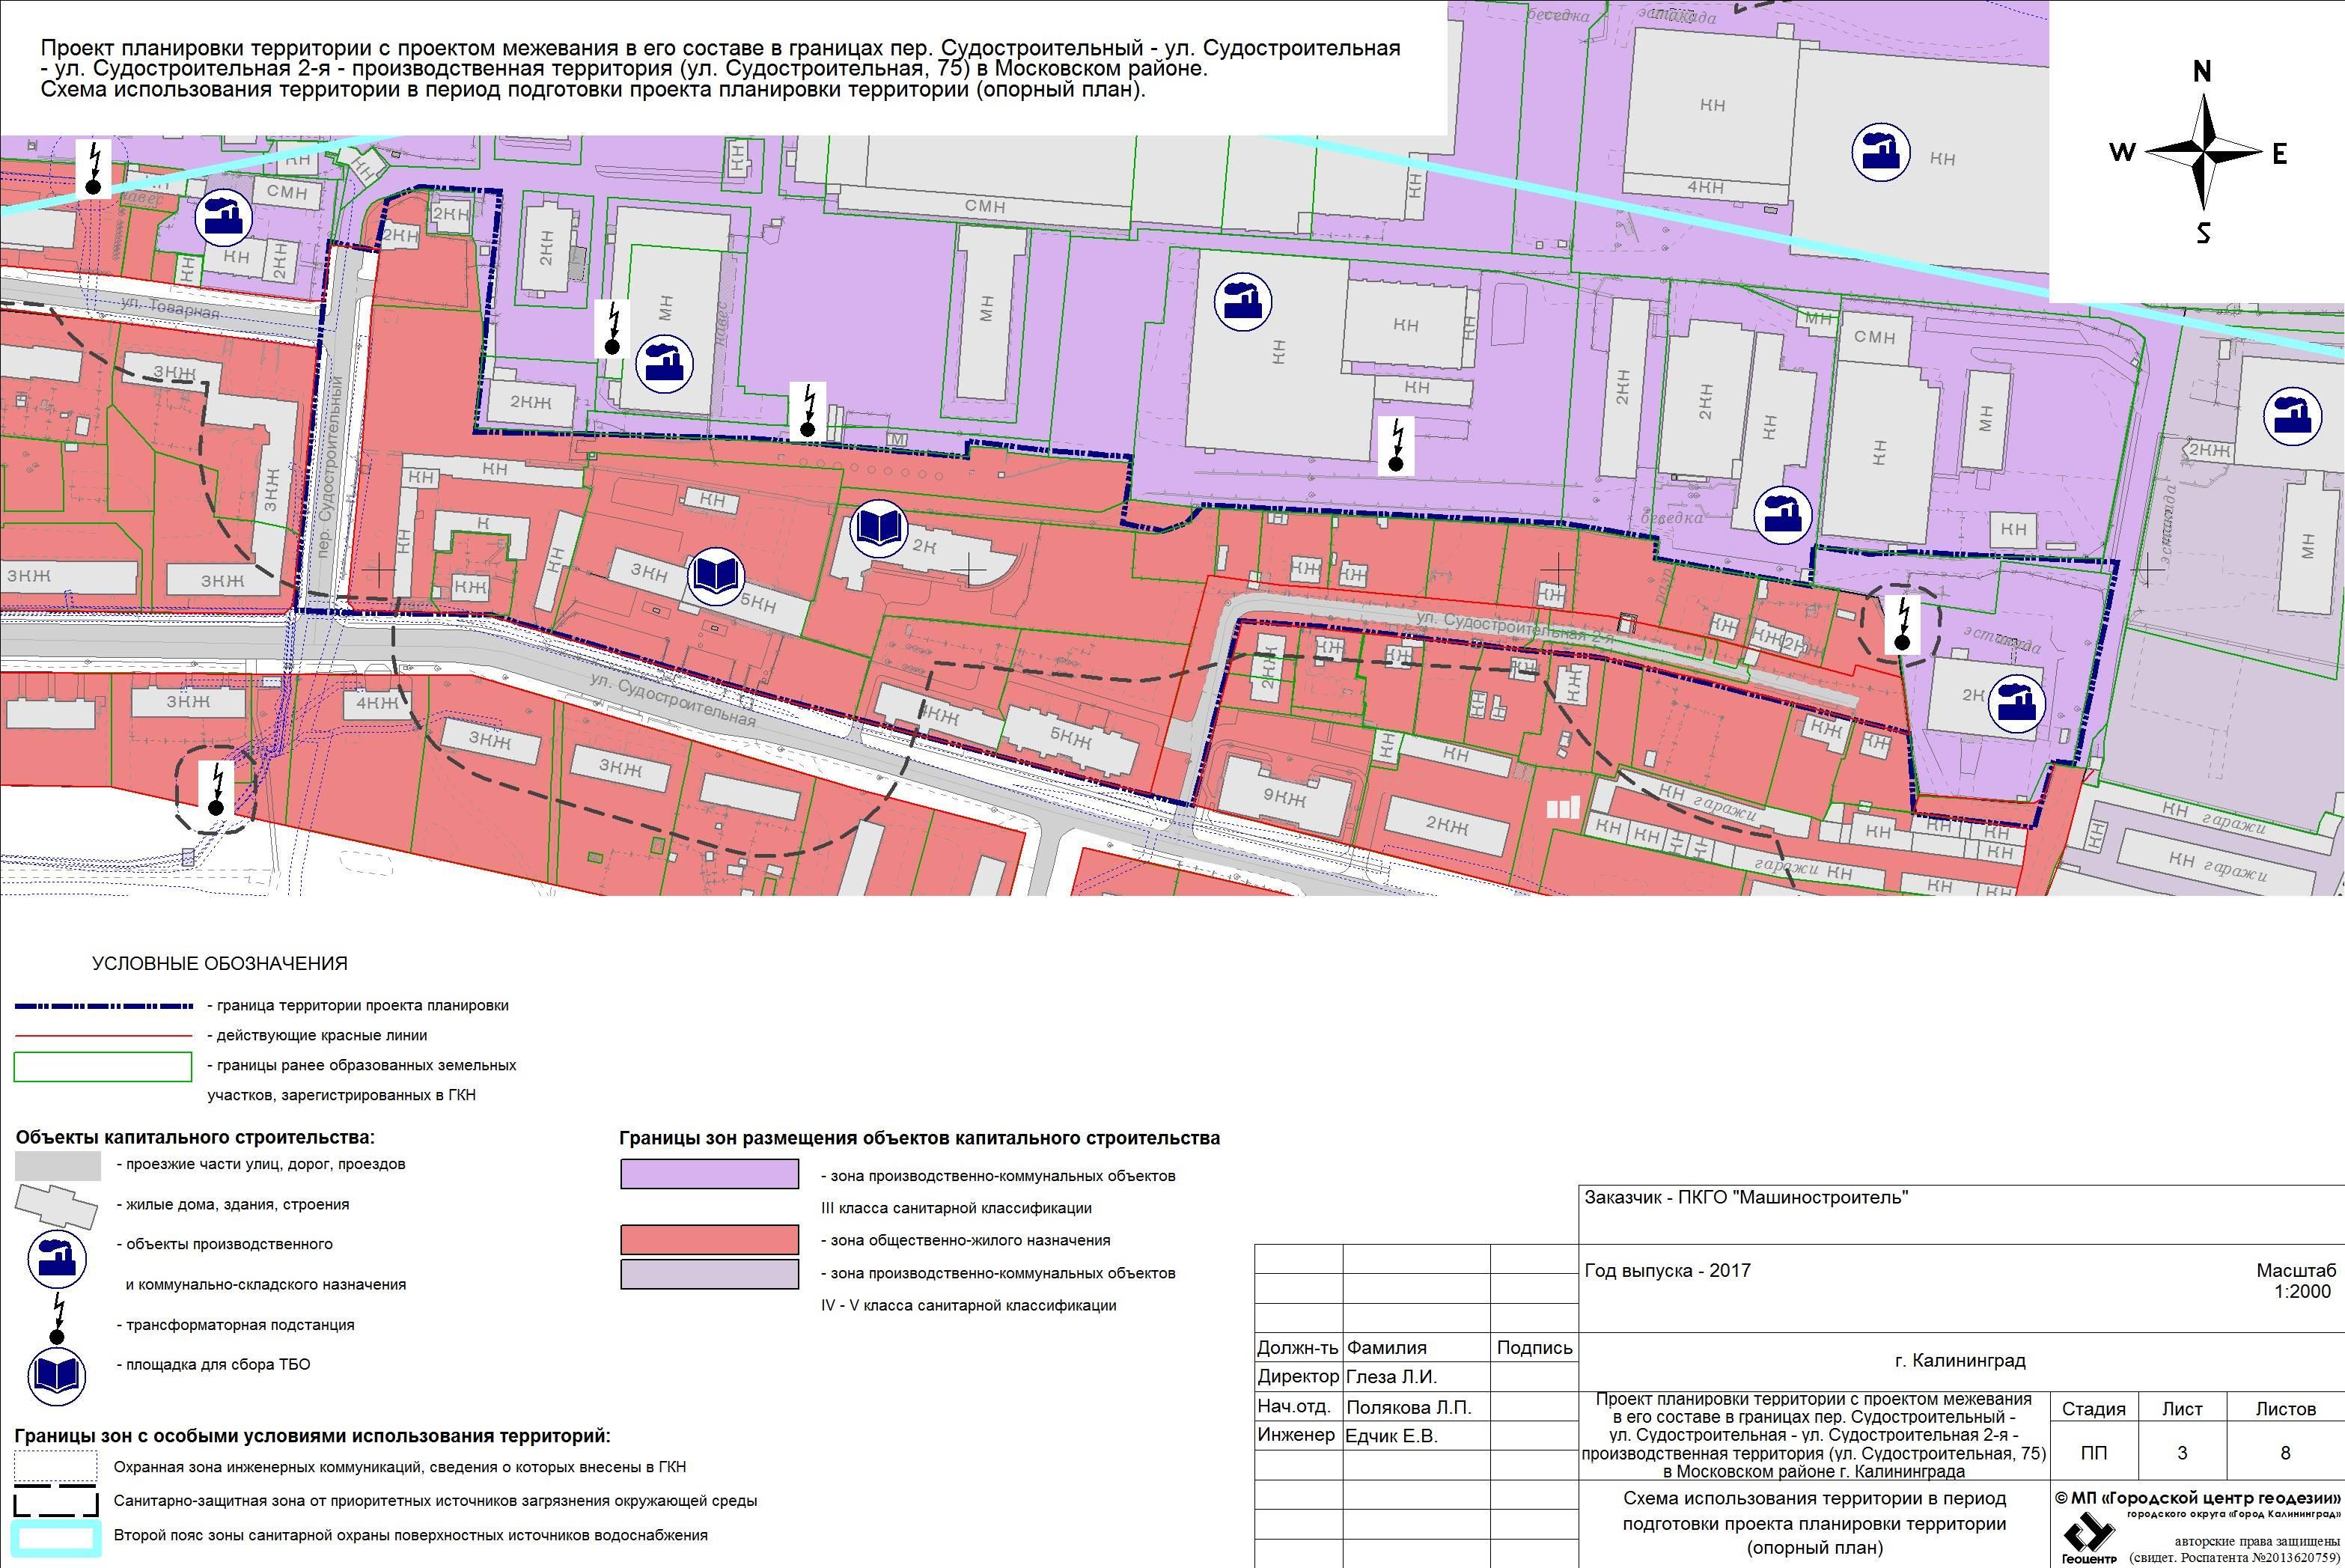 Статья 11.3. ограничения использования земельных участков и объектов капитального строительства в зонах санитарной охраны источников водоснабжения и водопроводов питьевого назначения.